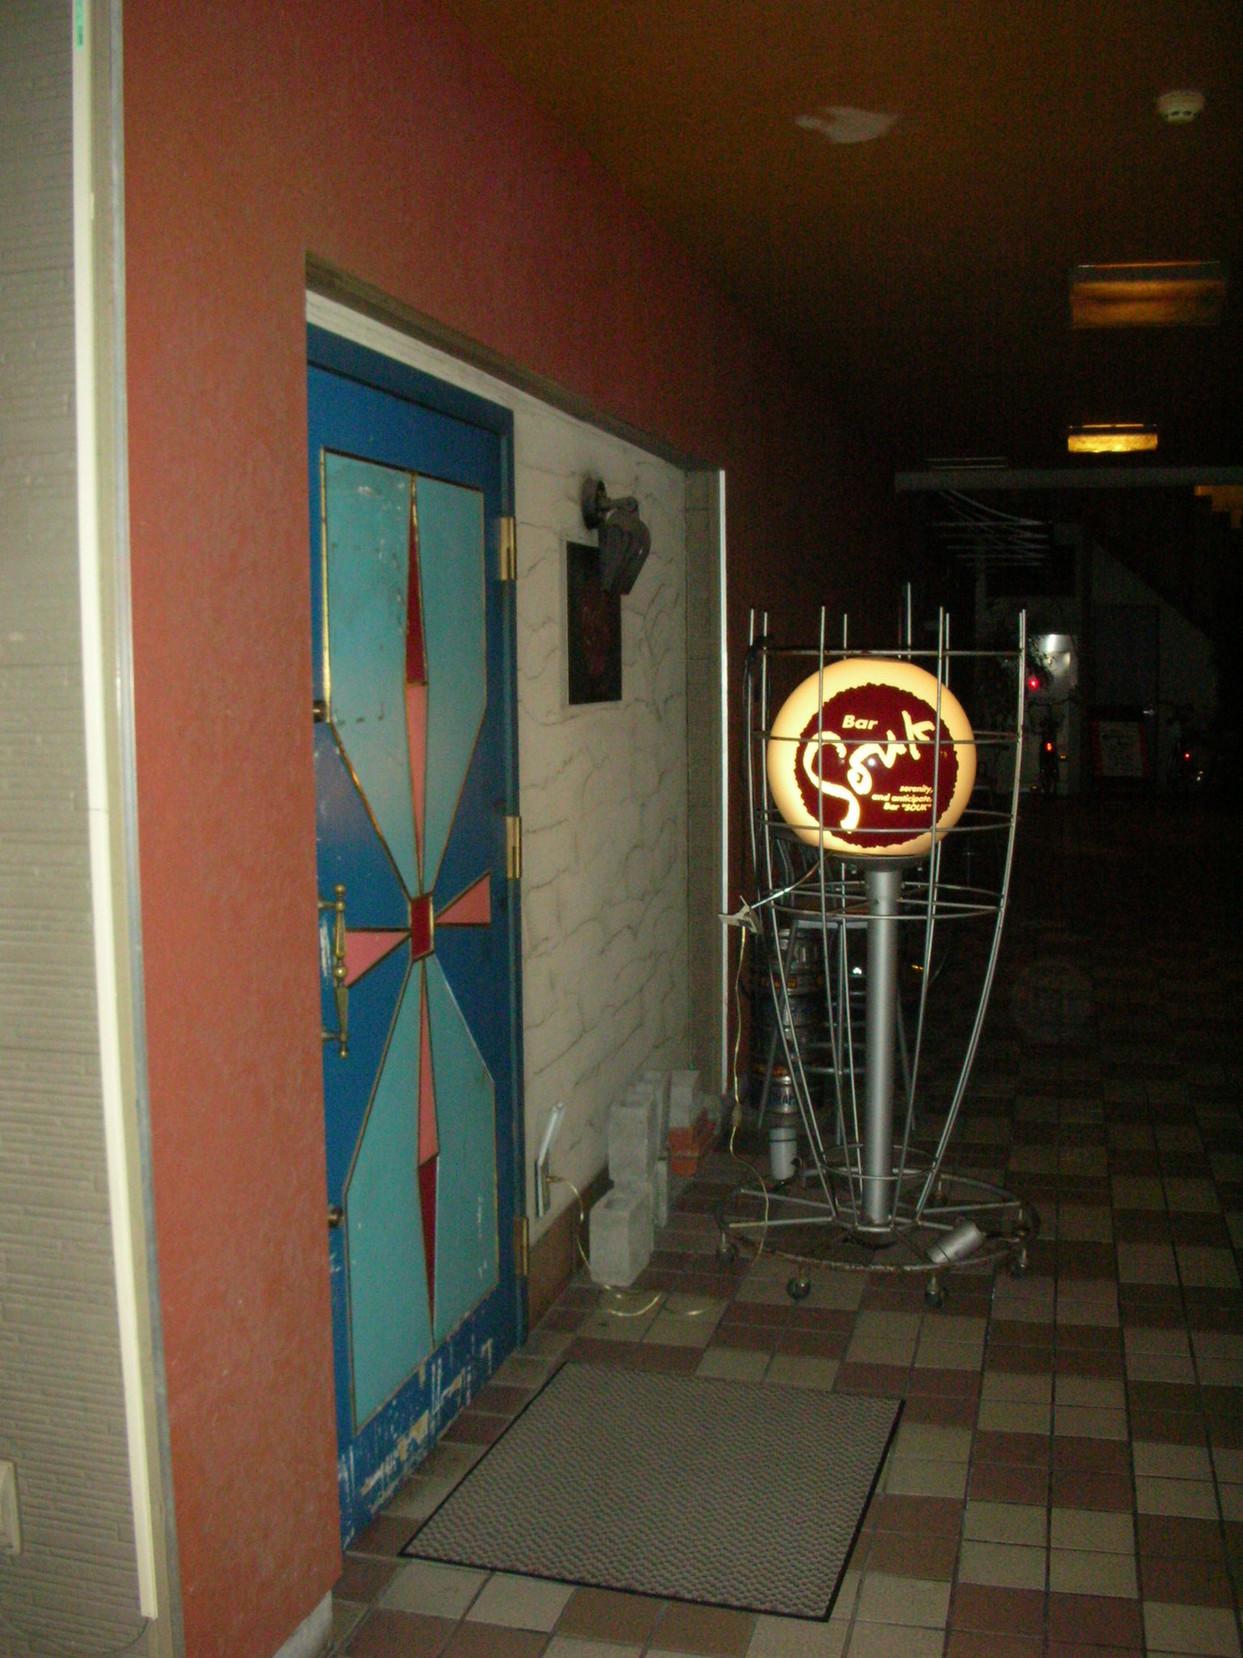 Bar Souk